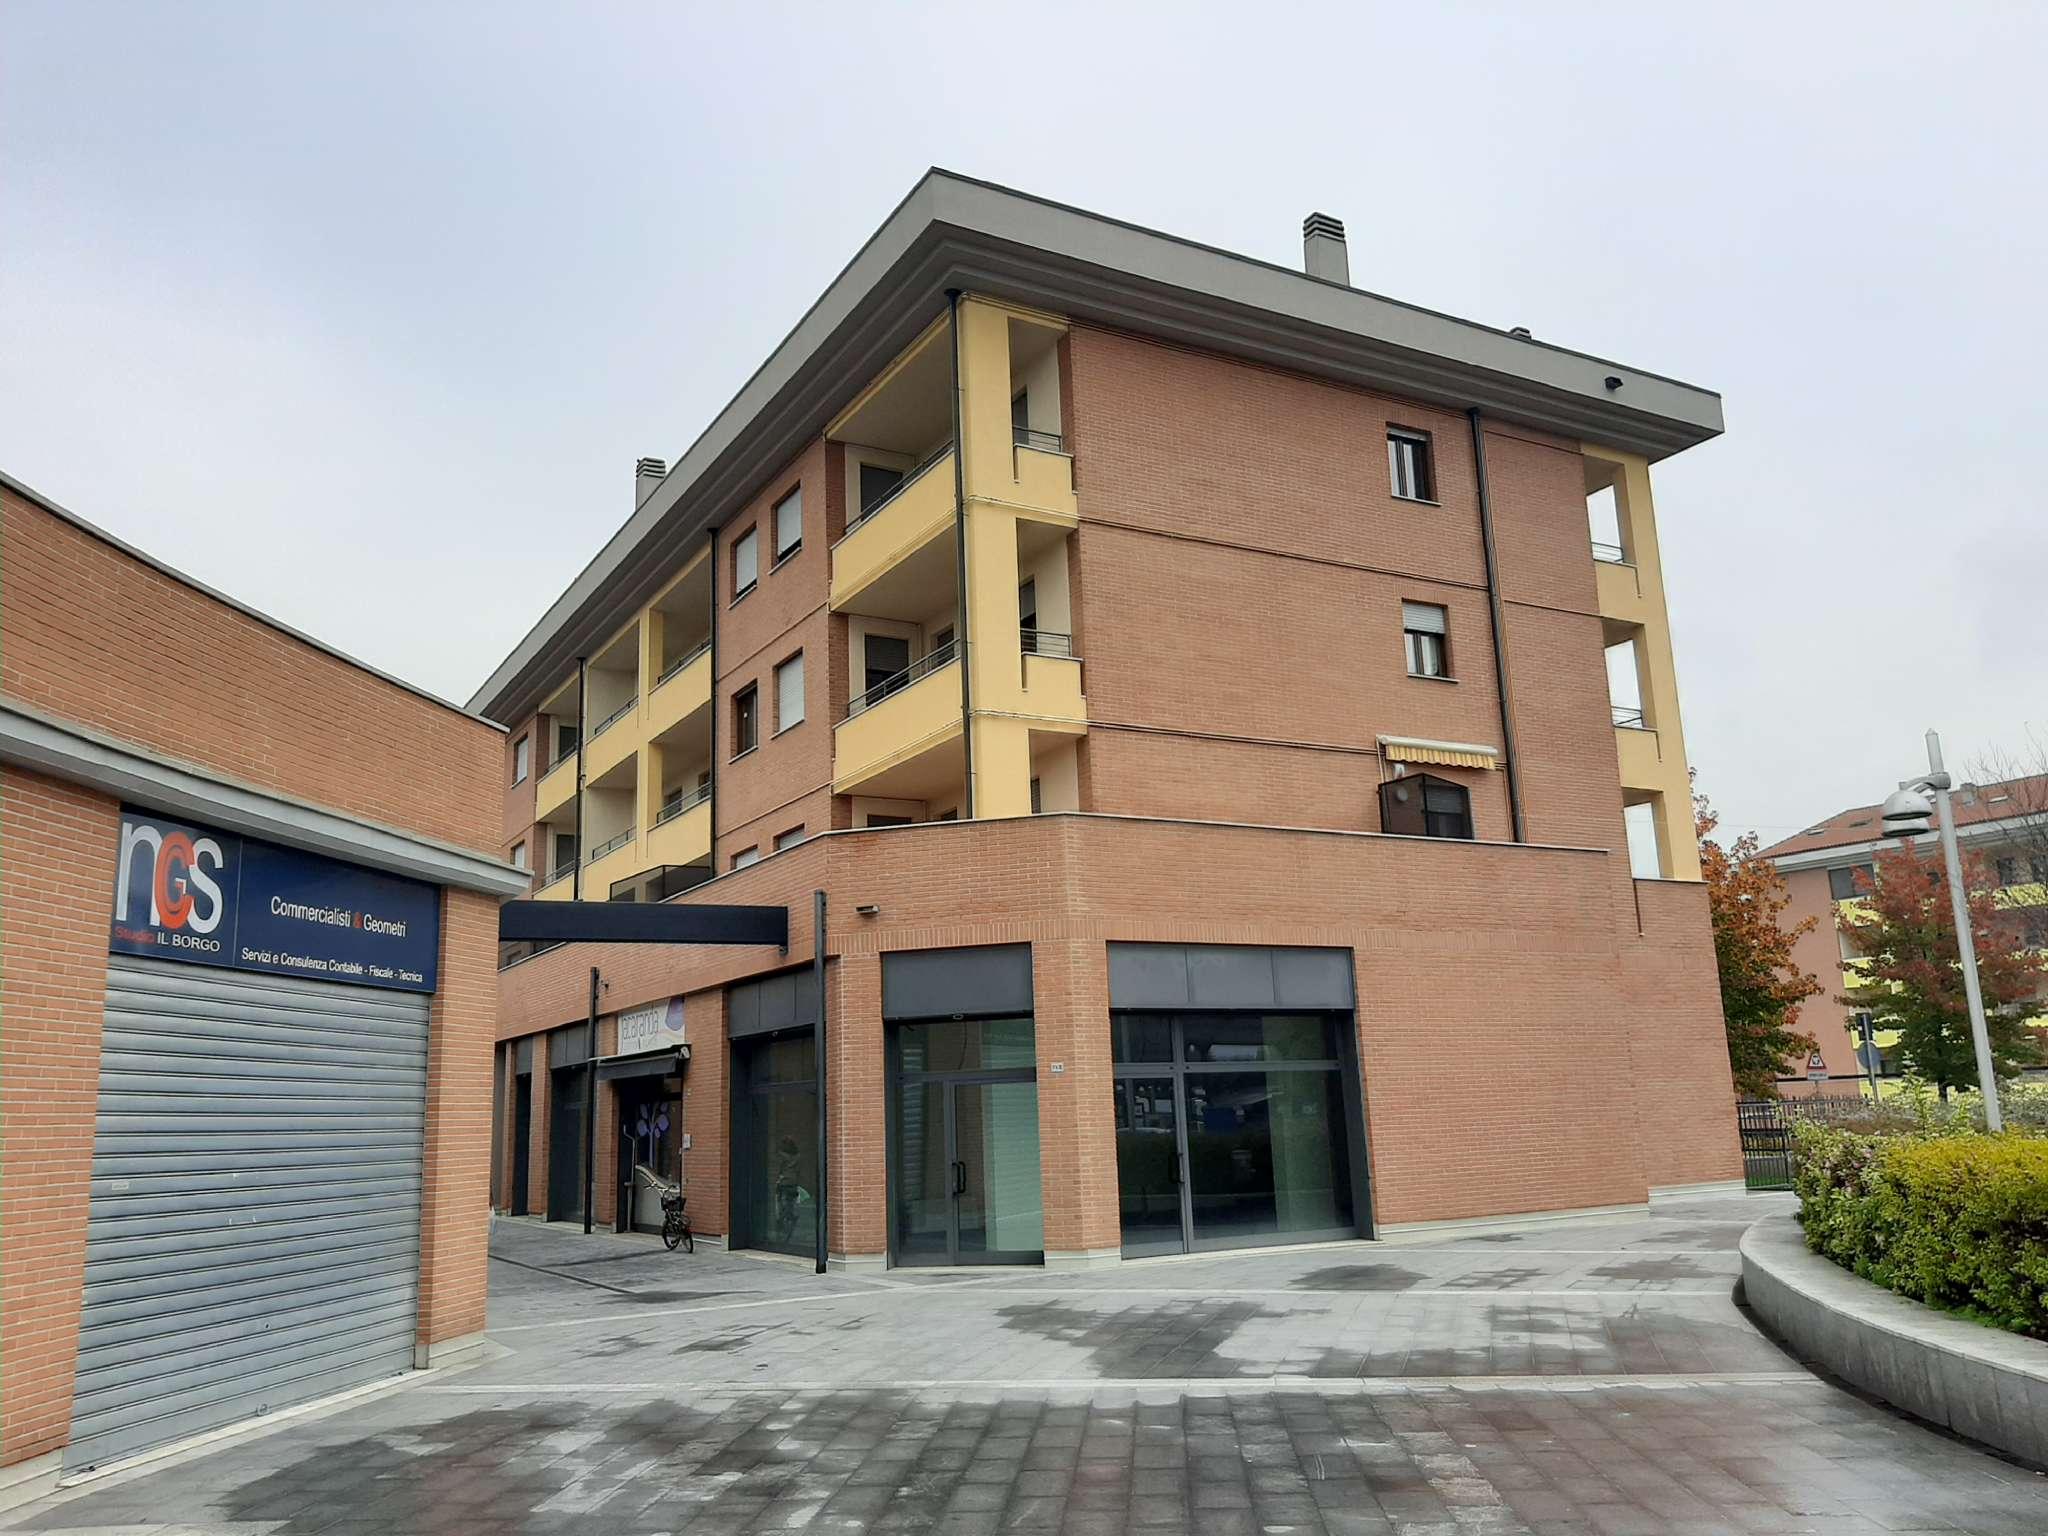 Appartamento in vendita a Pregnana Milanese, 2 locali, prezzo € 144.000 | PortaleAgenzieImmobiliari.it